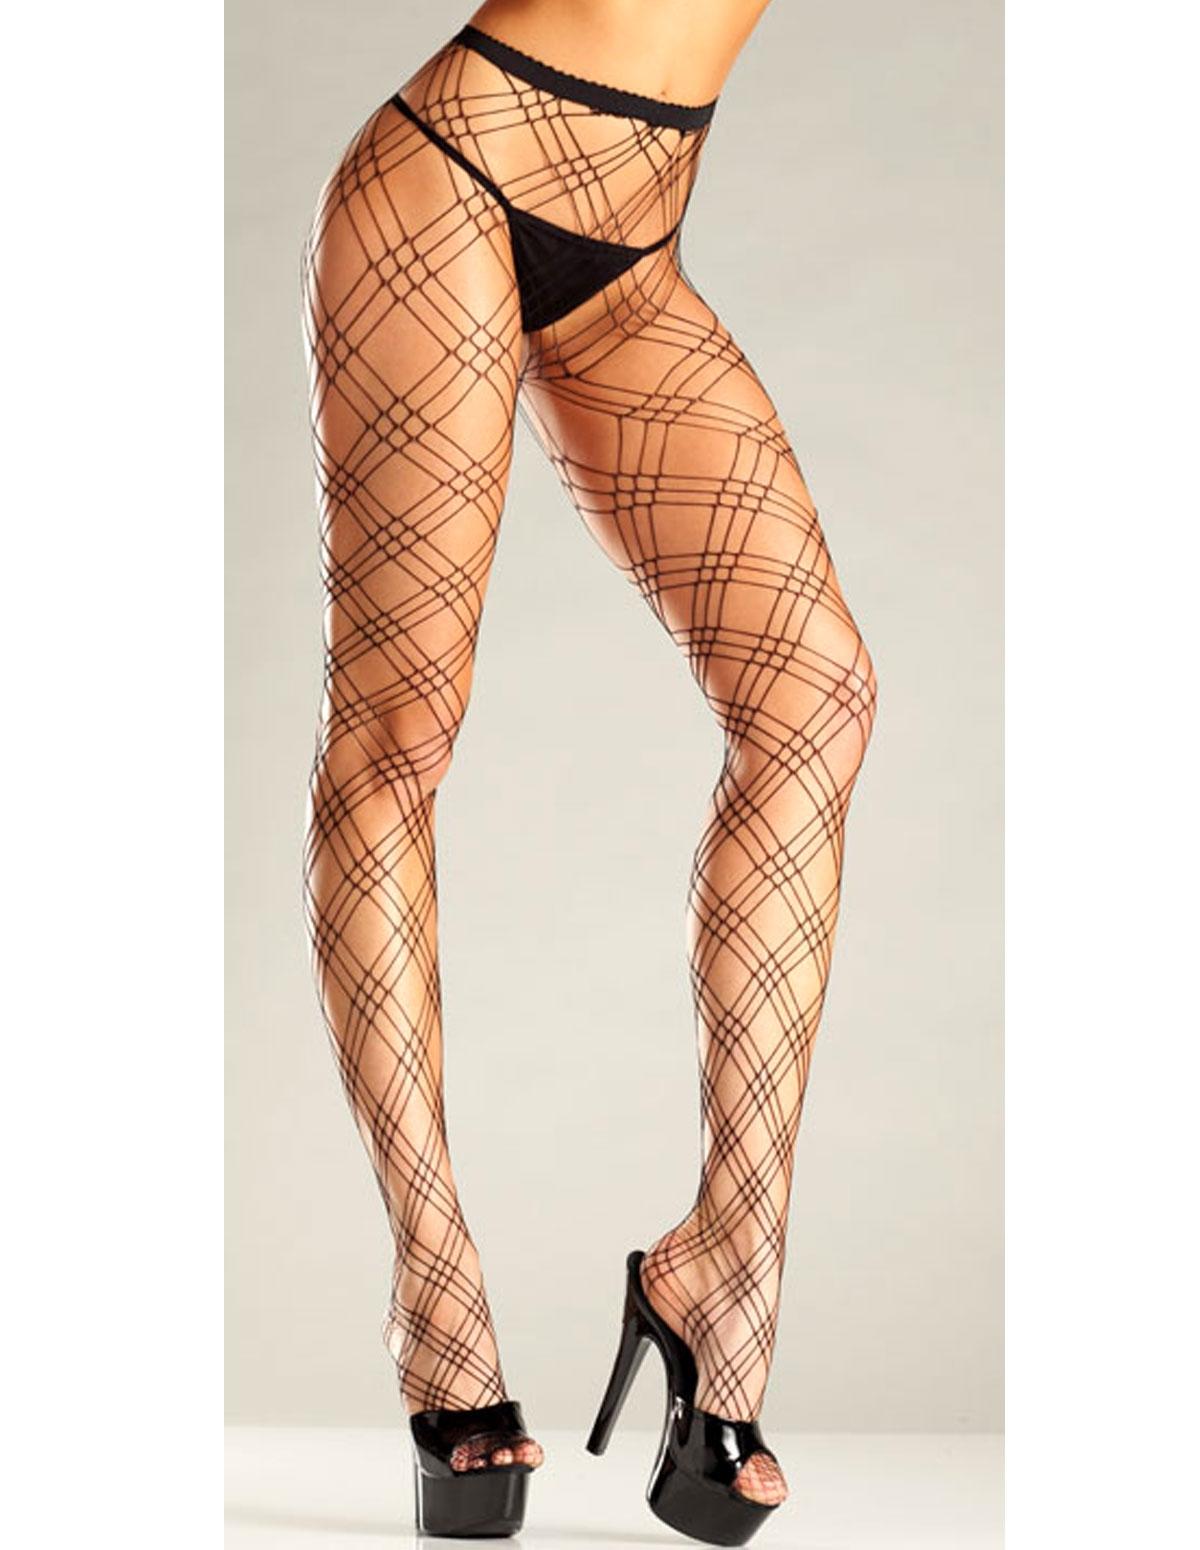 Triple Net Pantyhose